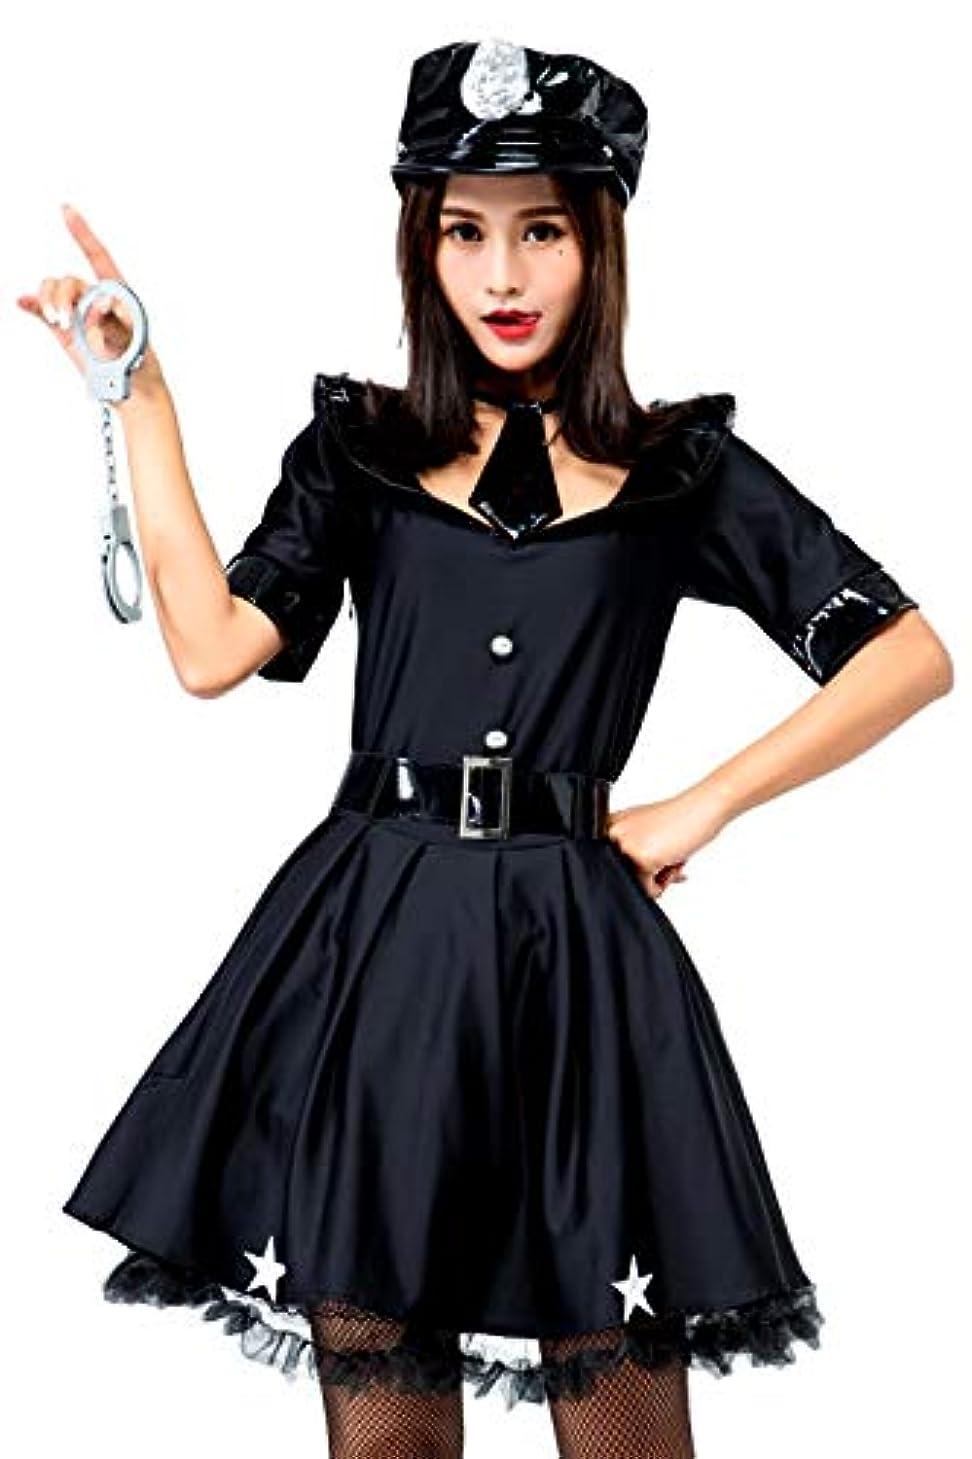 不規則な使い込む優れました[eones]ハロウィン コスプレ 婦警 ミニスカ ポリス セクシー 婦人警官 警察 魔女 衣装 仮装 制服